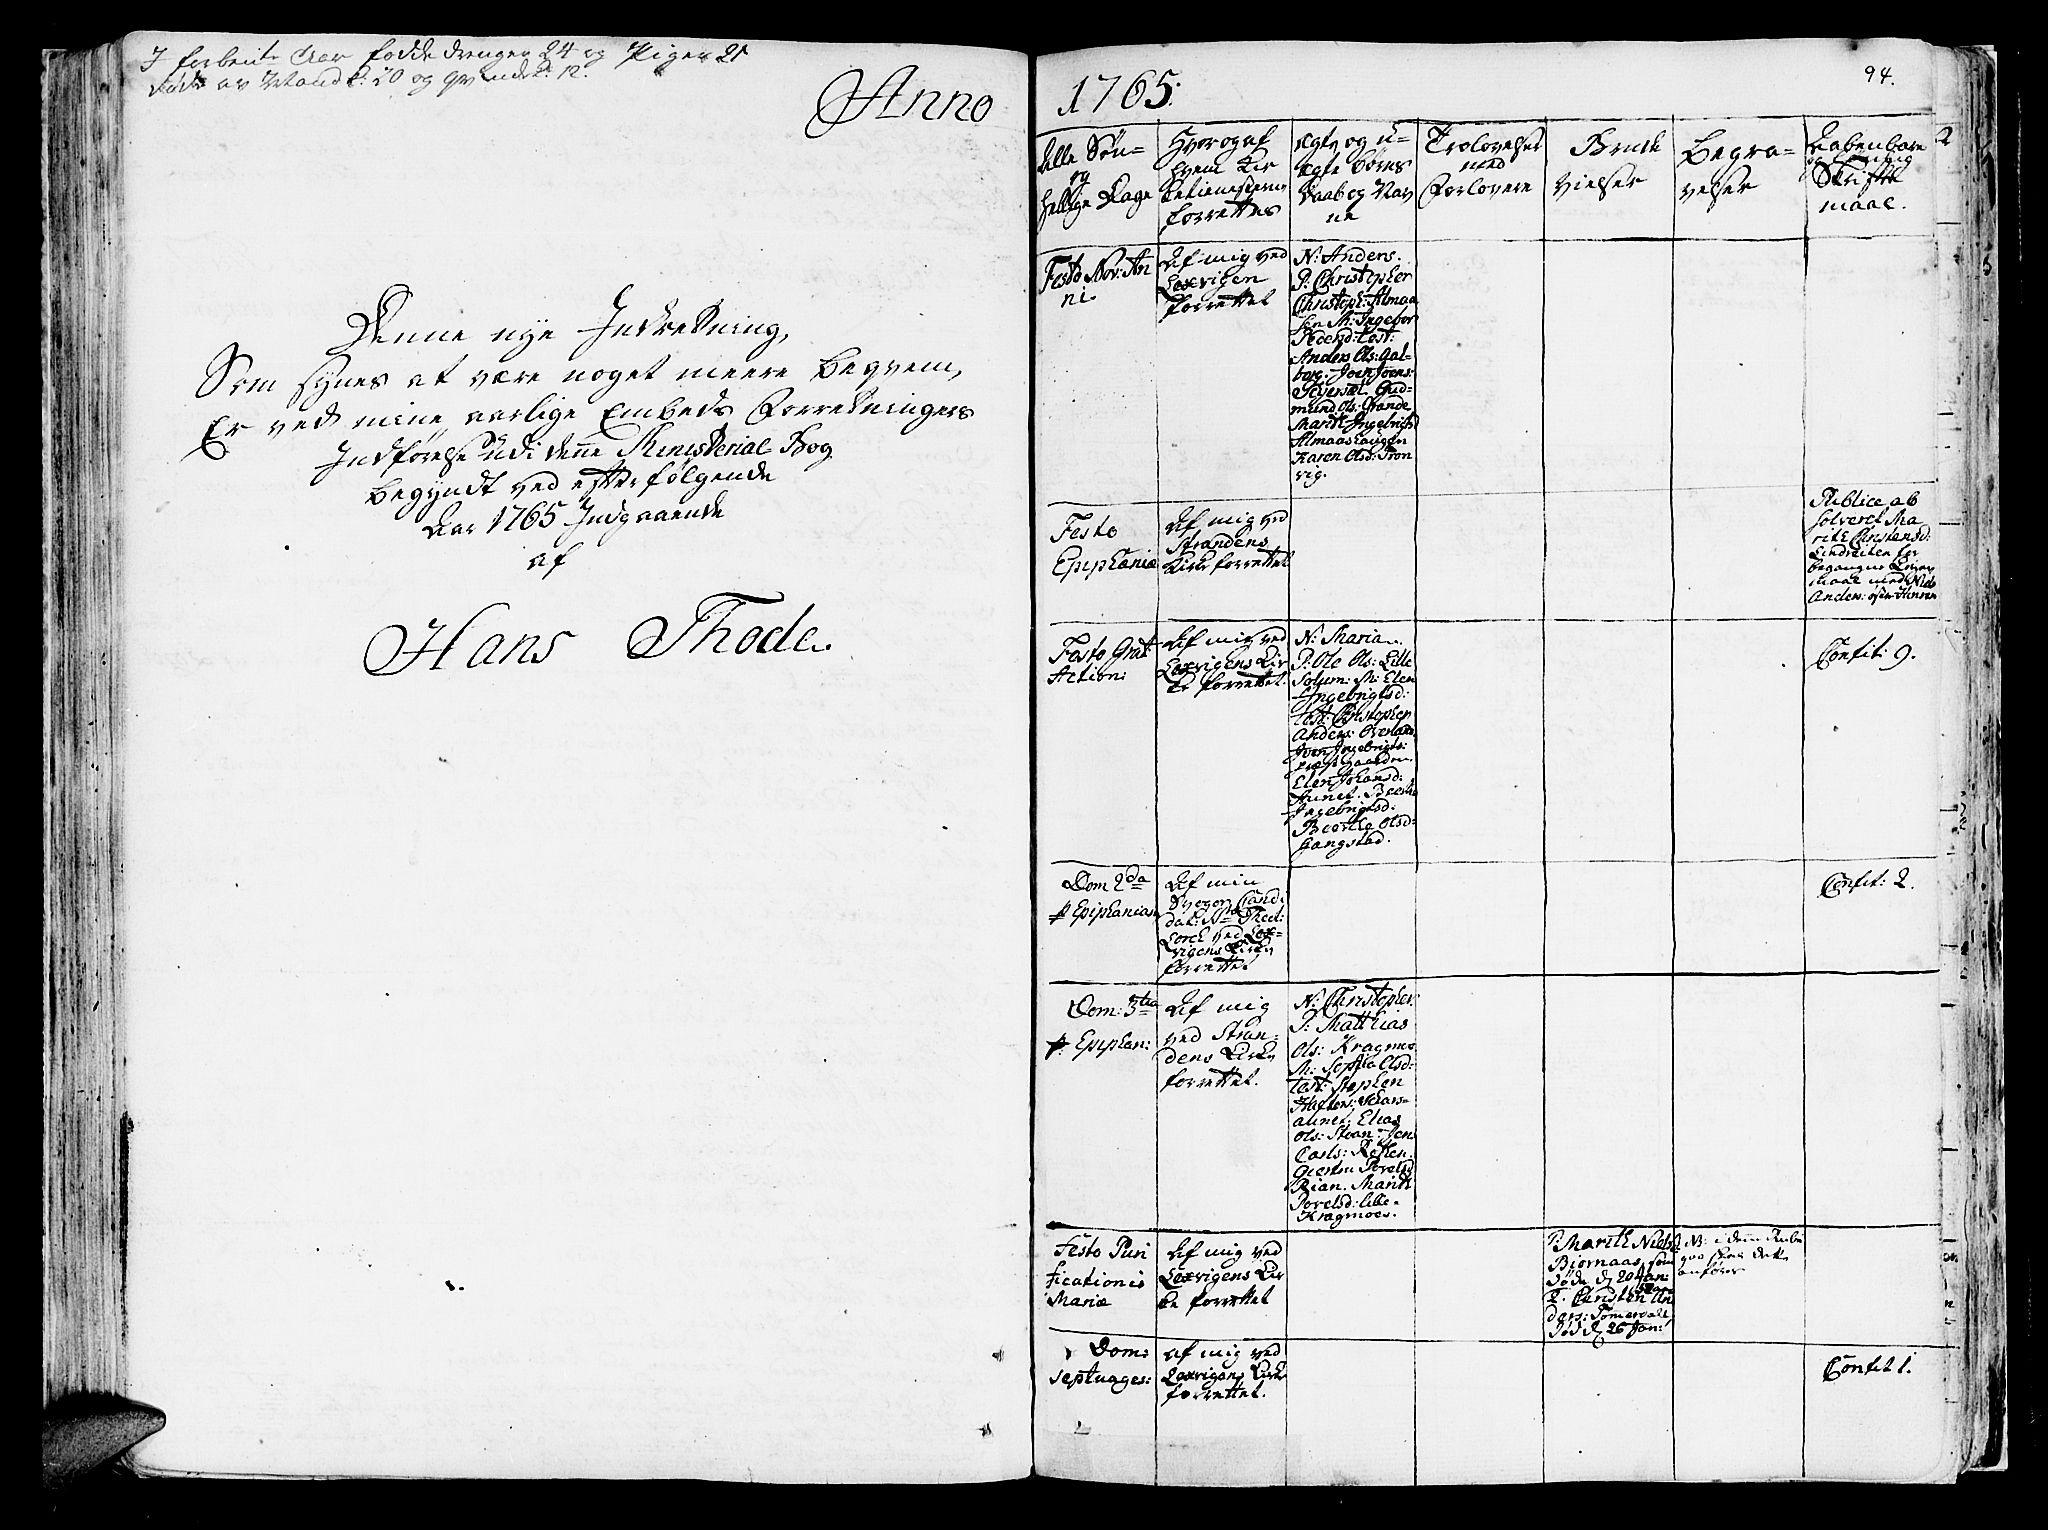 SAT, Ministerialprotokoller, klokkerbøker og fødselsregistre - Nord-Trøndelag, 701/L0003: Parish register (official) no. 701A03, 1751-1783, p. 94